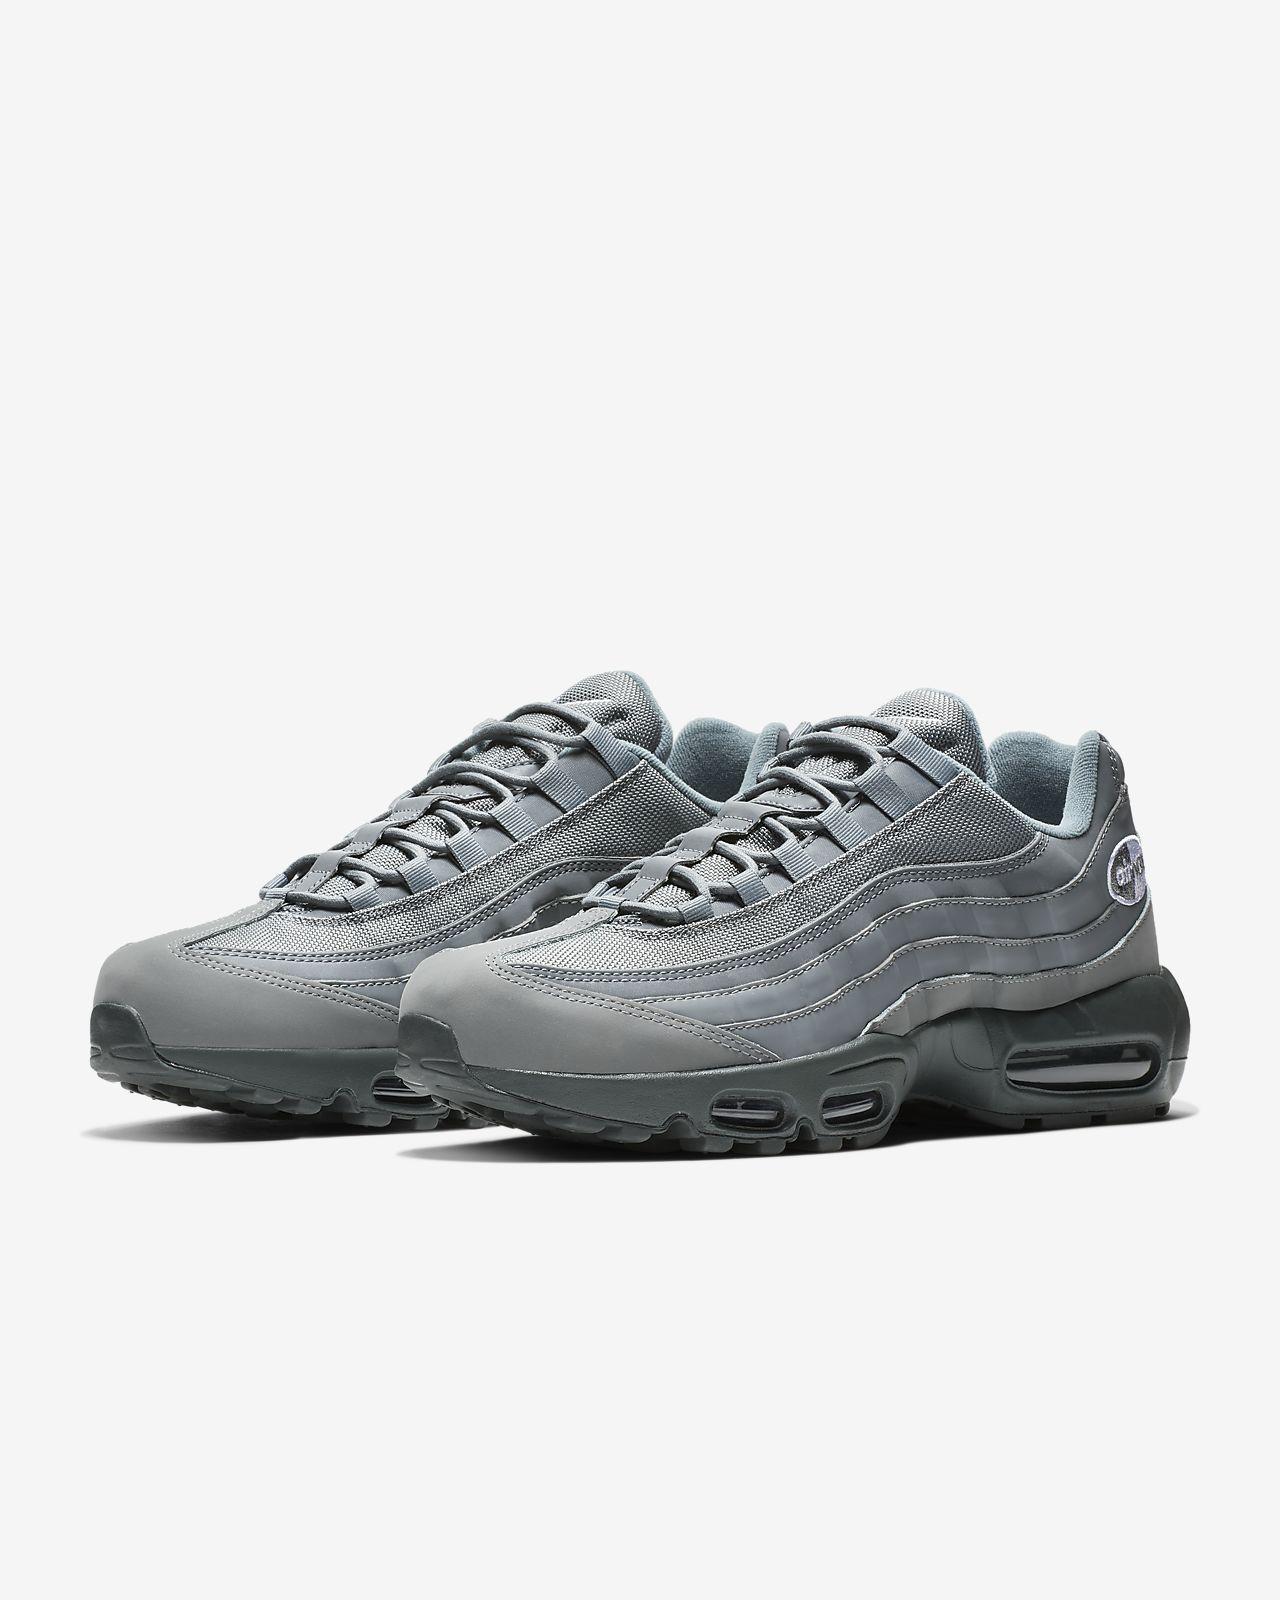 1b83331b612 Nike Air Max 95 Men s Shoe. Nike.com PT